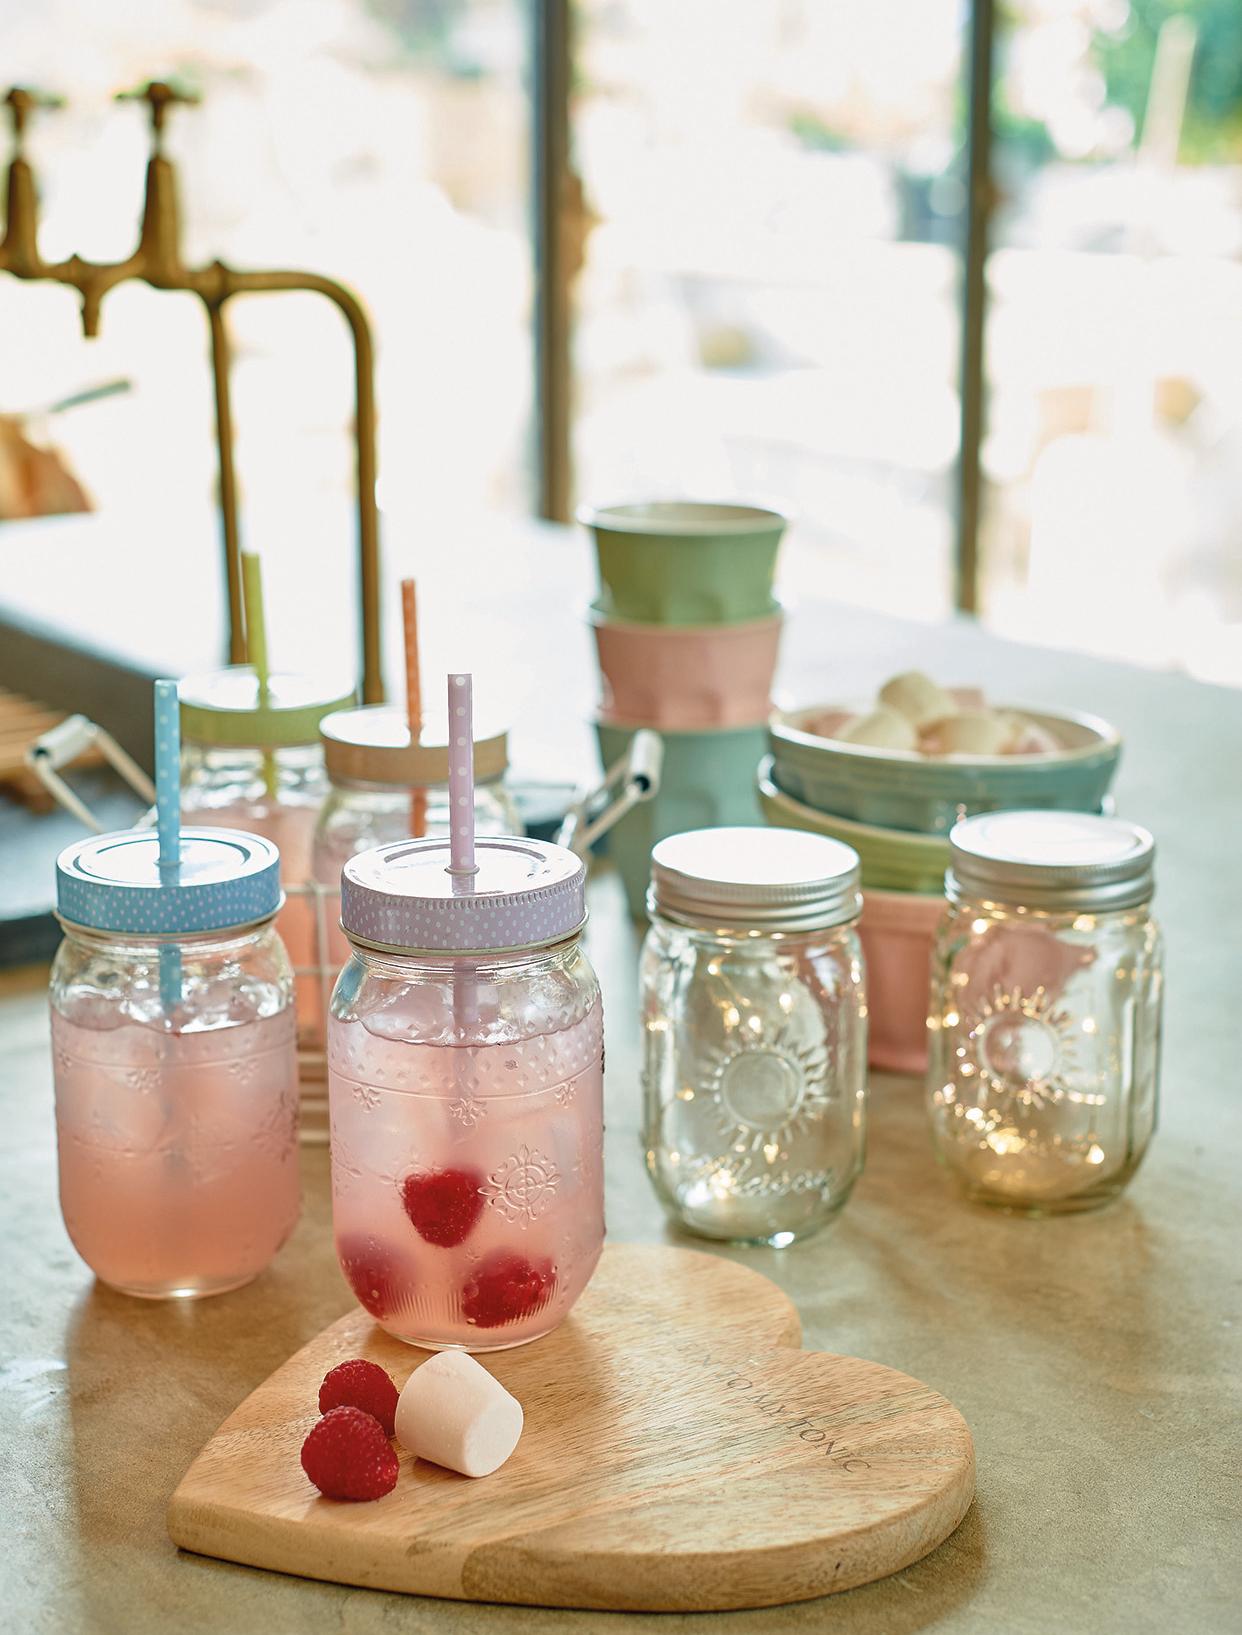 Parlane Picnic Jam Jars